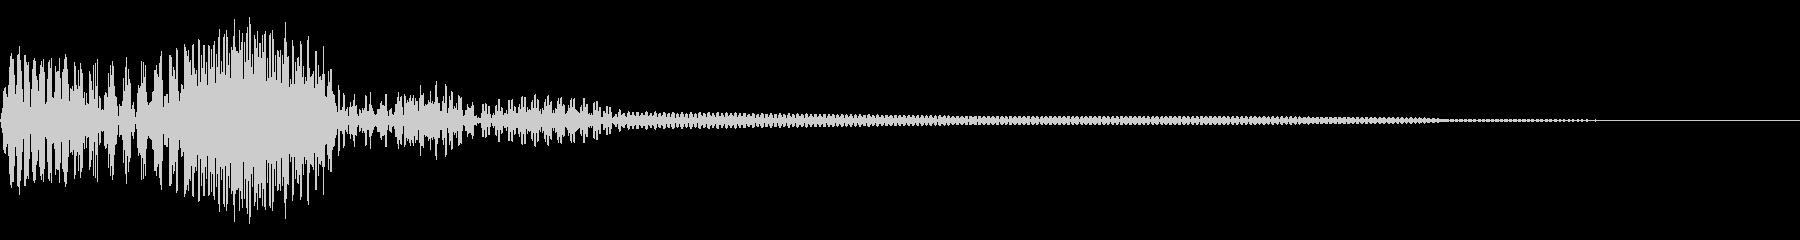 ビープ音が鳴る21の未再生の波形